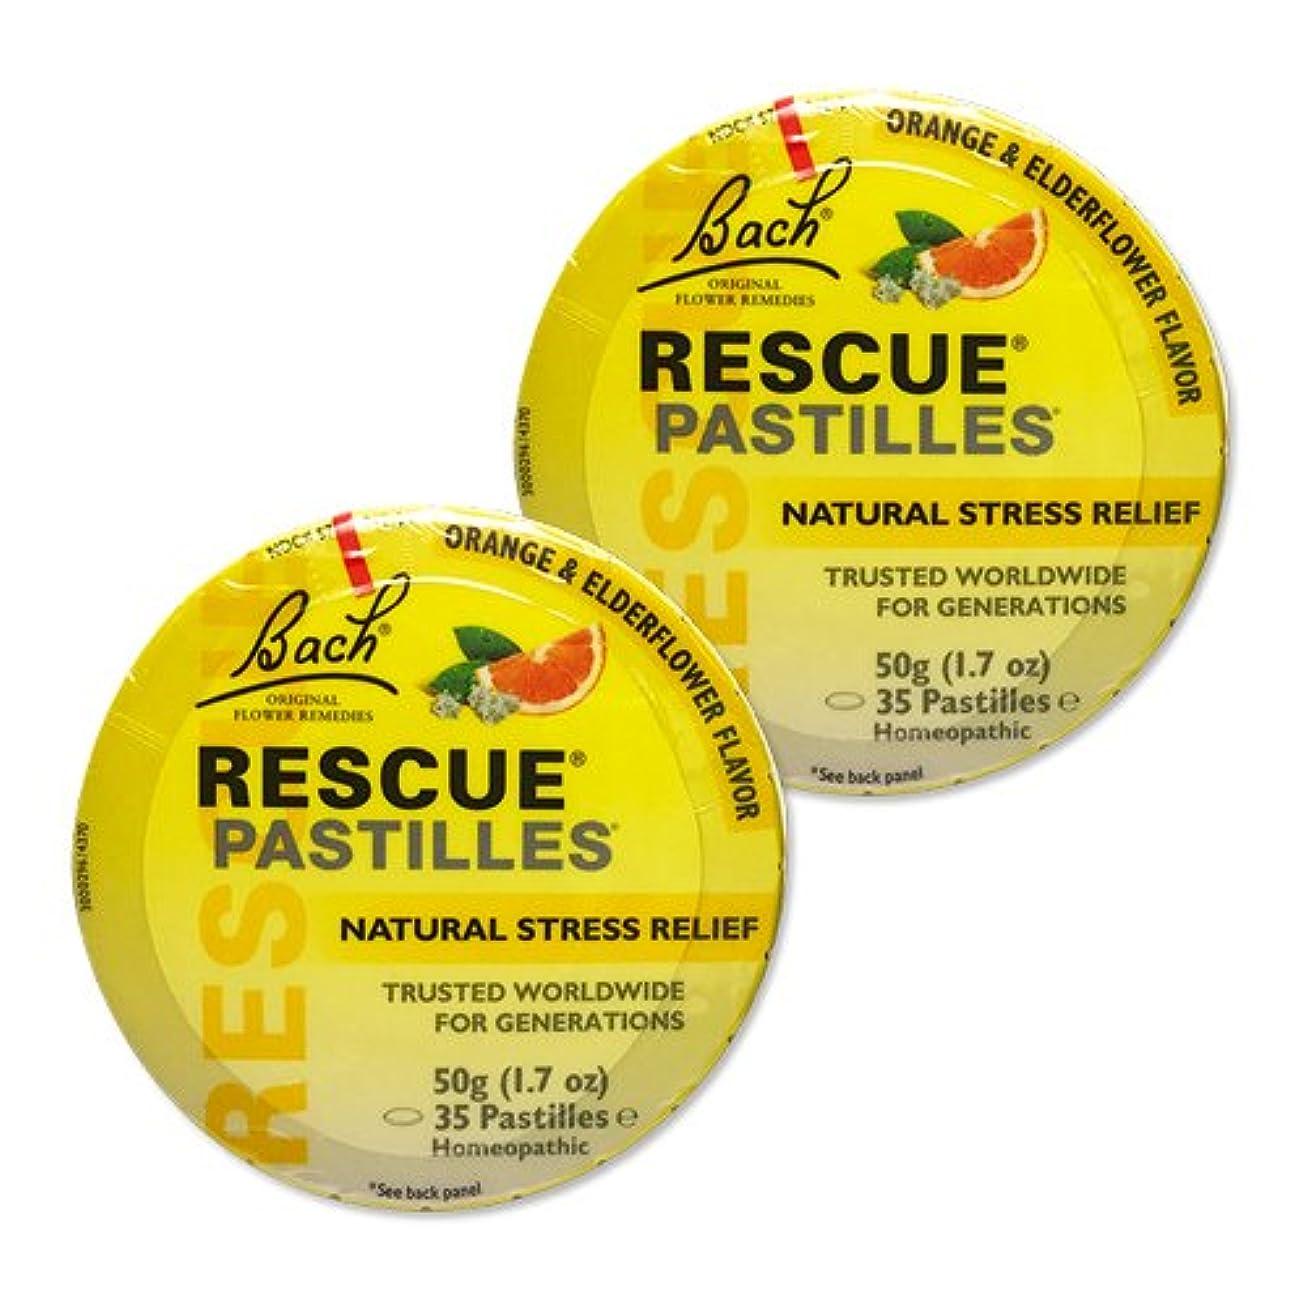 山岳戦う予防接種する【2個セット】 [海外直送品]バッチフラワー レスキューレメディー パステル(オレンジ) Rescue Pastilles: For Occasional...